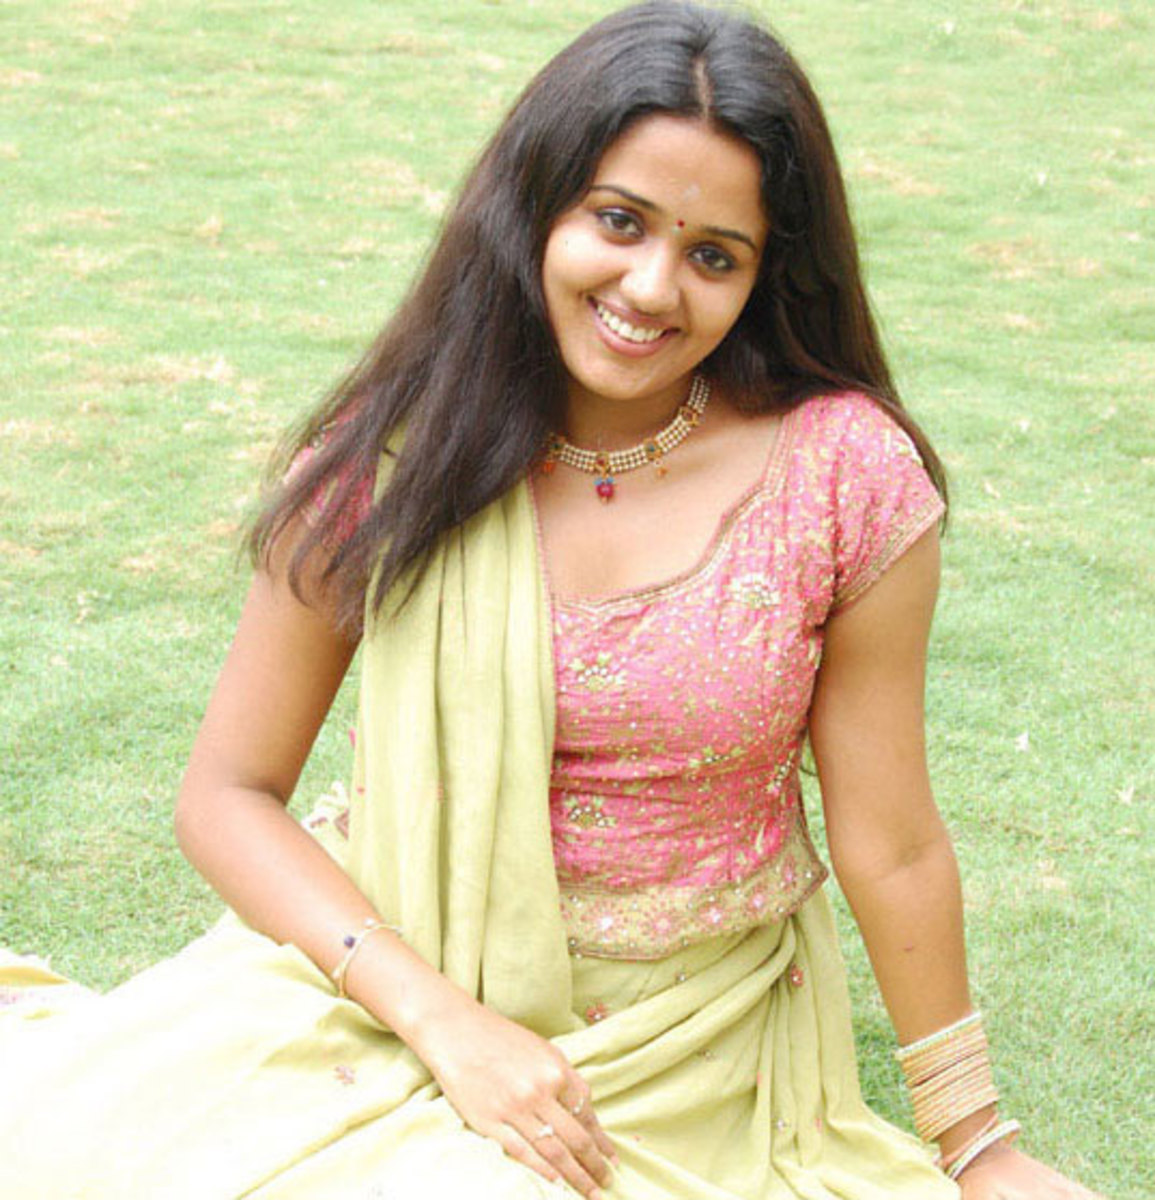 ananya-hot-photos-pics-of-malayalam-actress-ananya